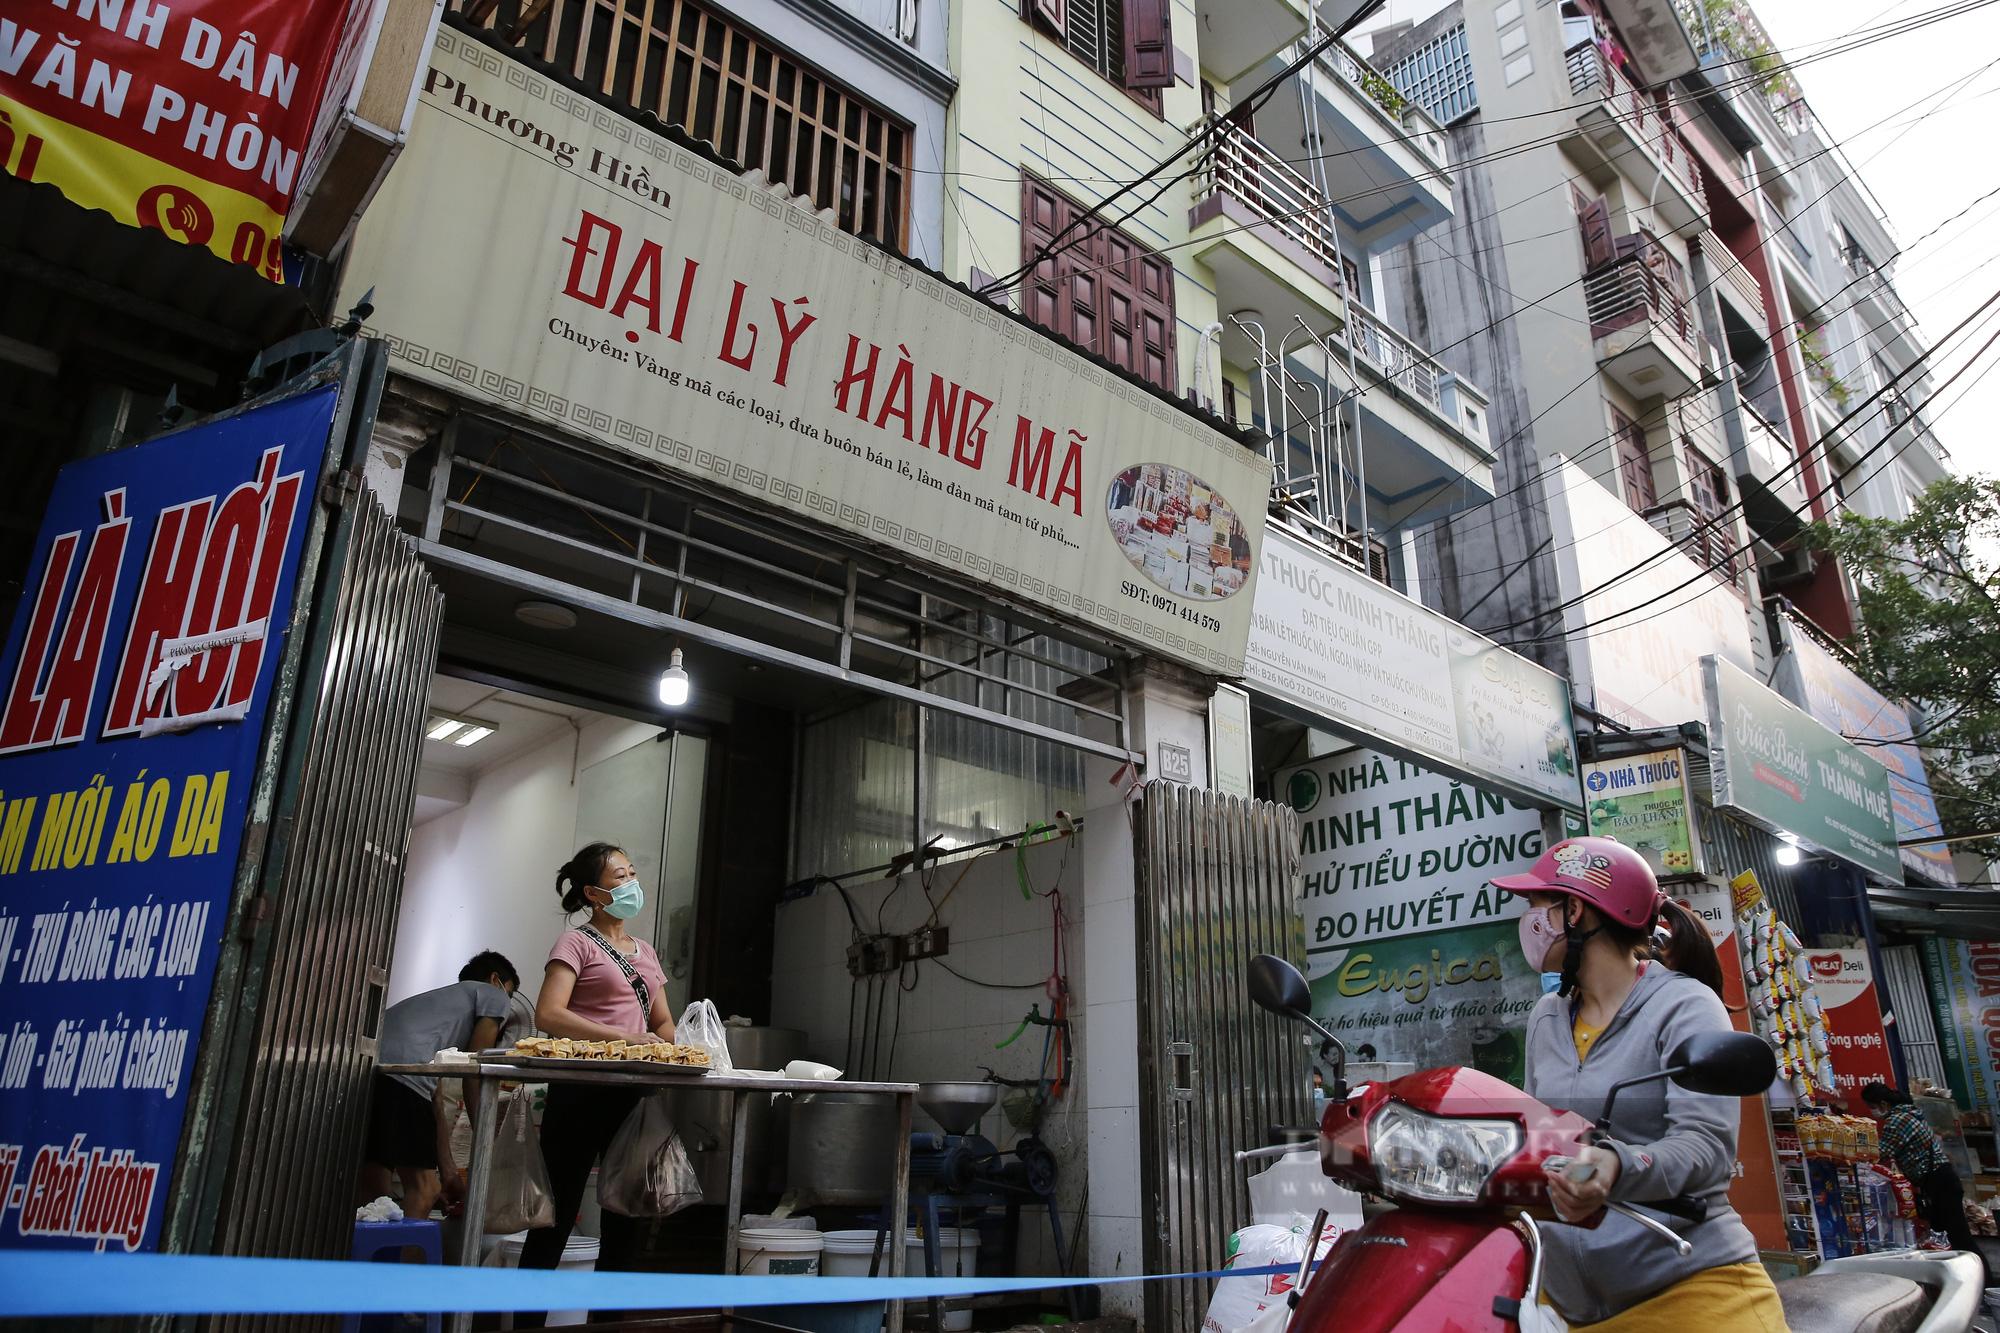 Hà Nội: Nhà hàng, quán cà phê, tiệm cắt tóc... chuyển sang bán thực phẩm thiết yếu - Ảnh 4.